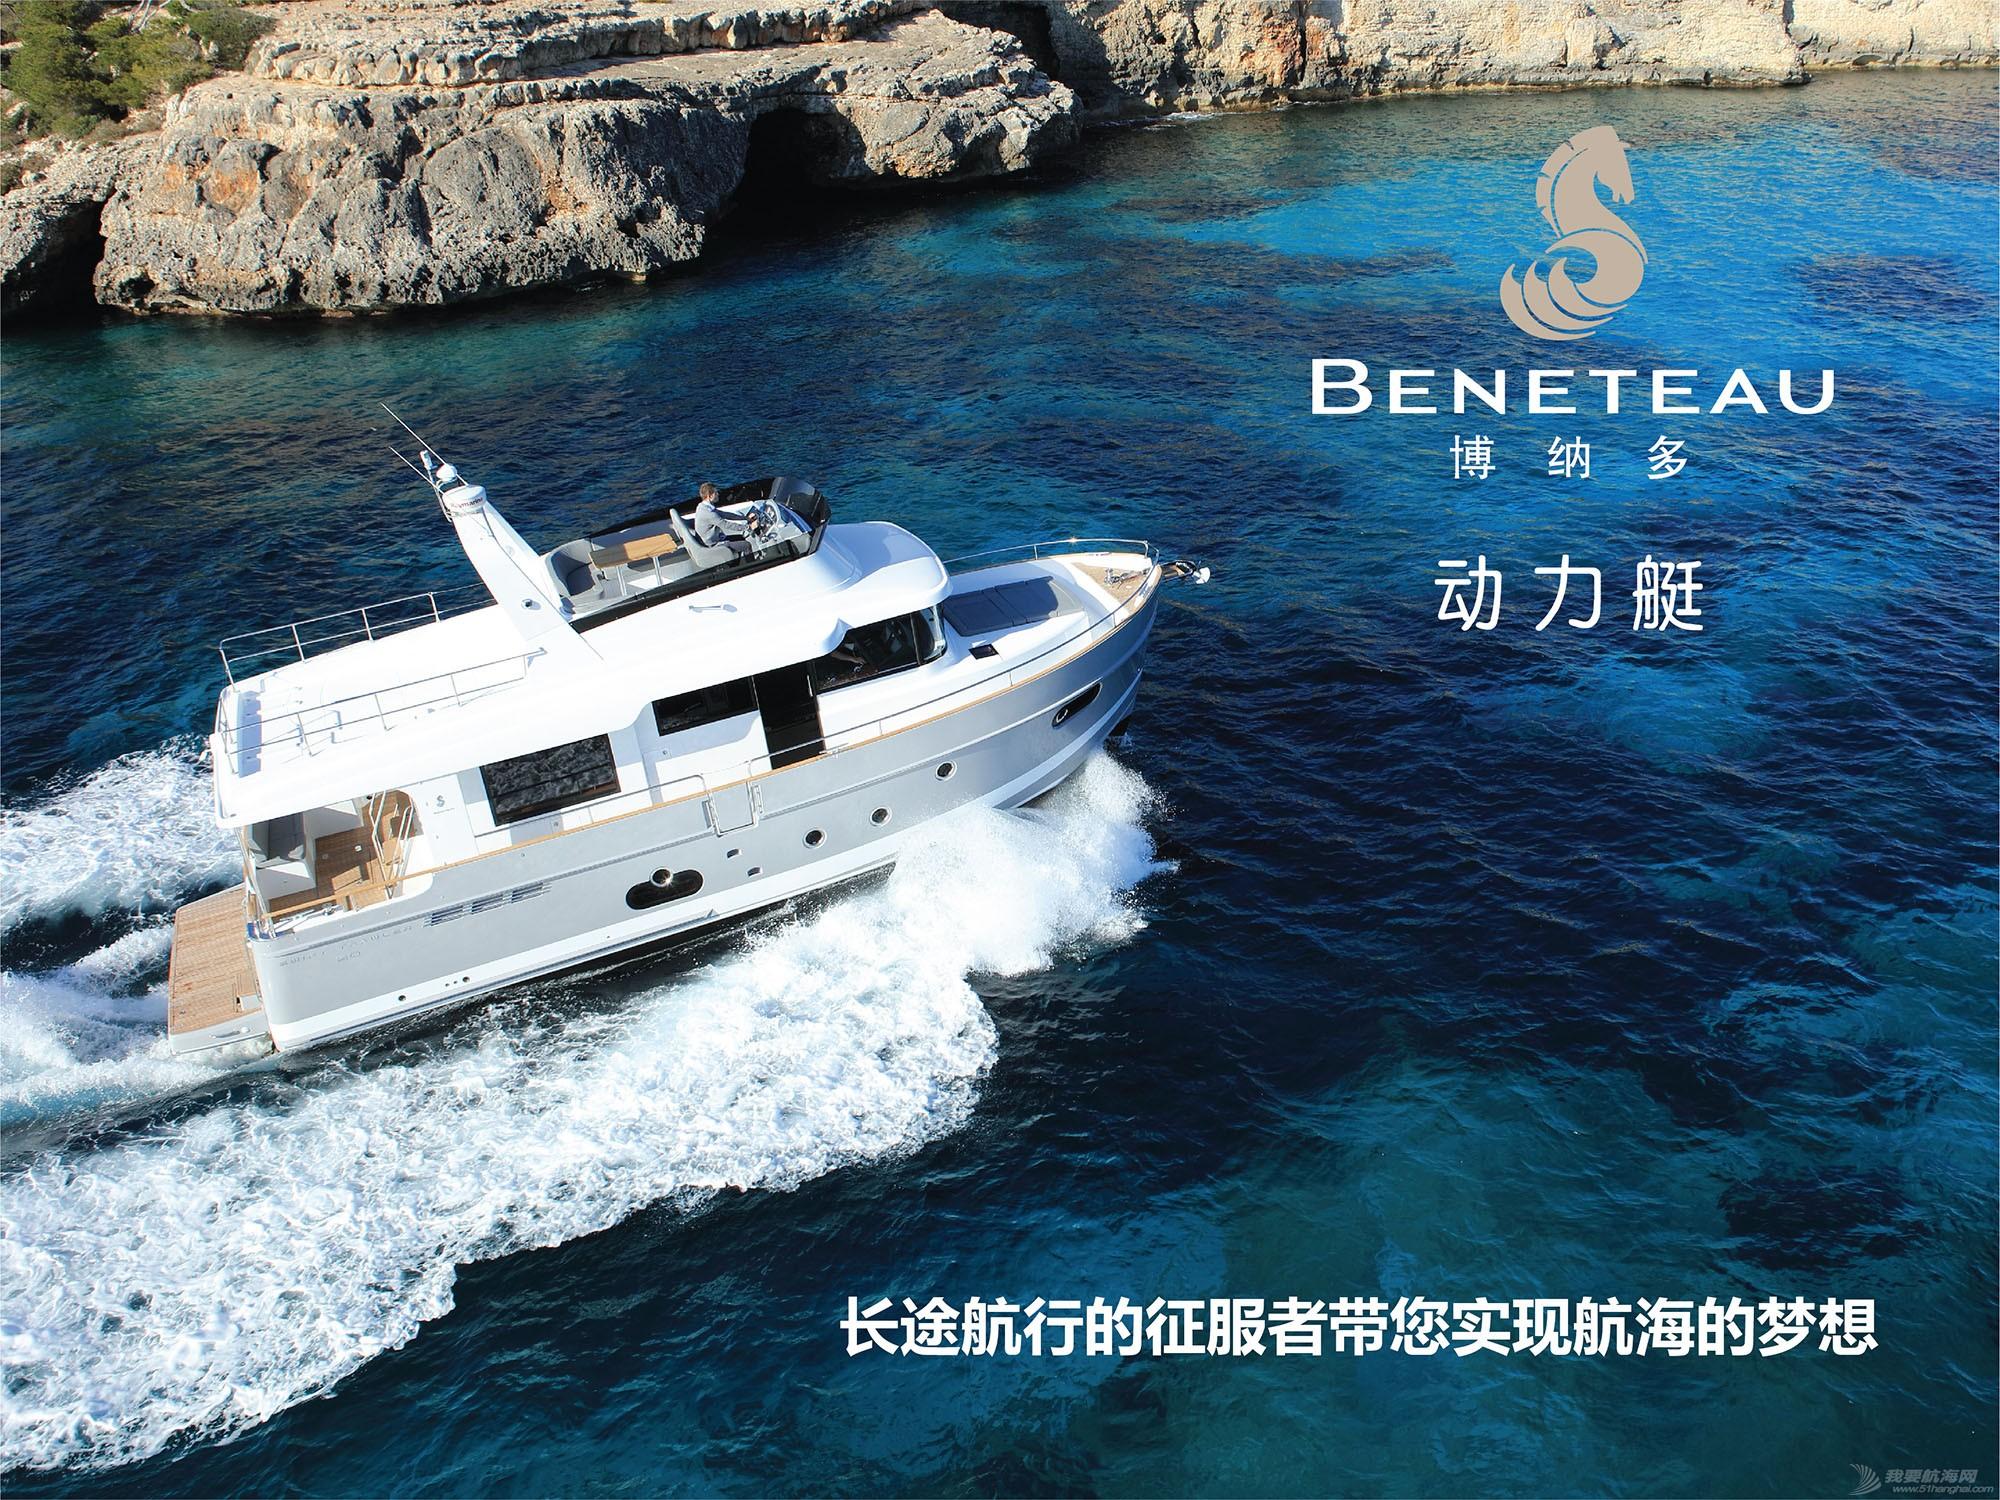 生活方式,大海;博纳多,蓝高,帆船航海; 选择海上生活方式——保留茫茫大海中属于你的一隅 1608-stickers-01.jpg